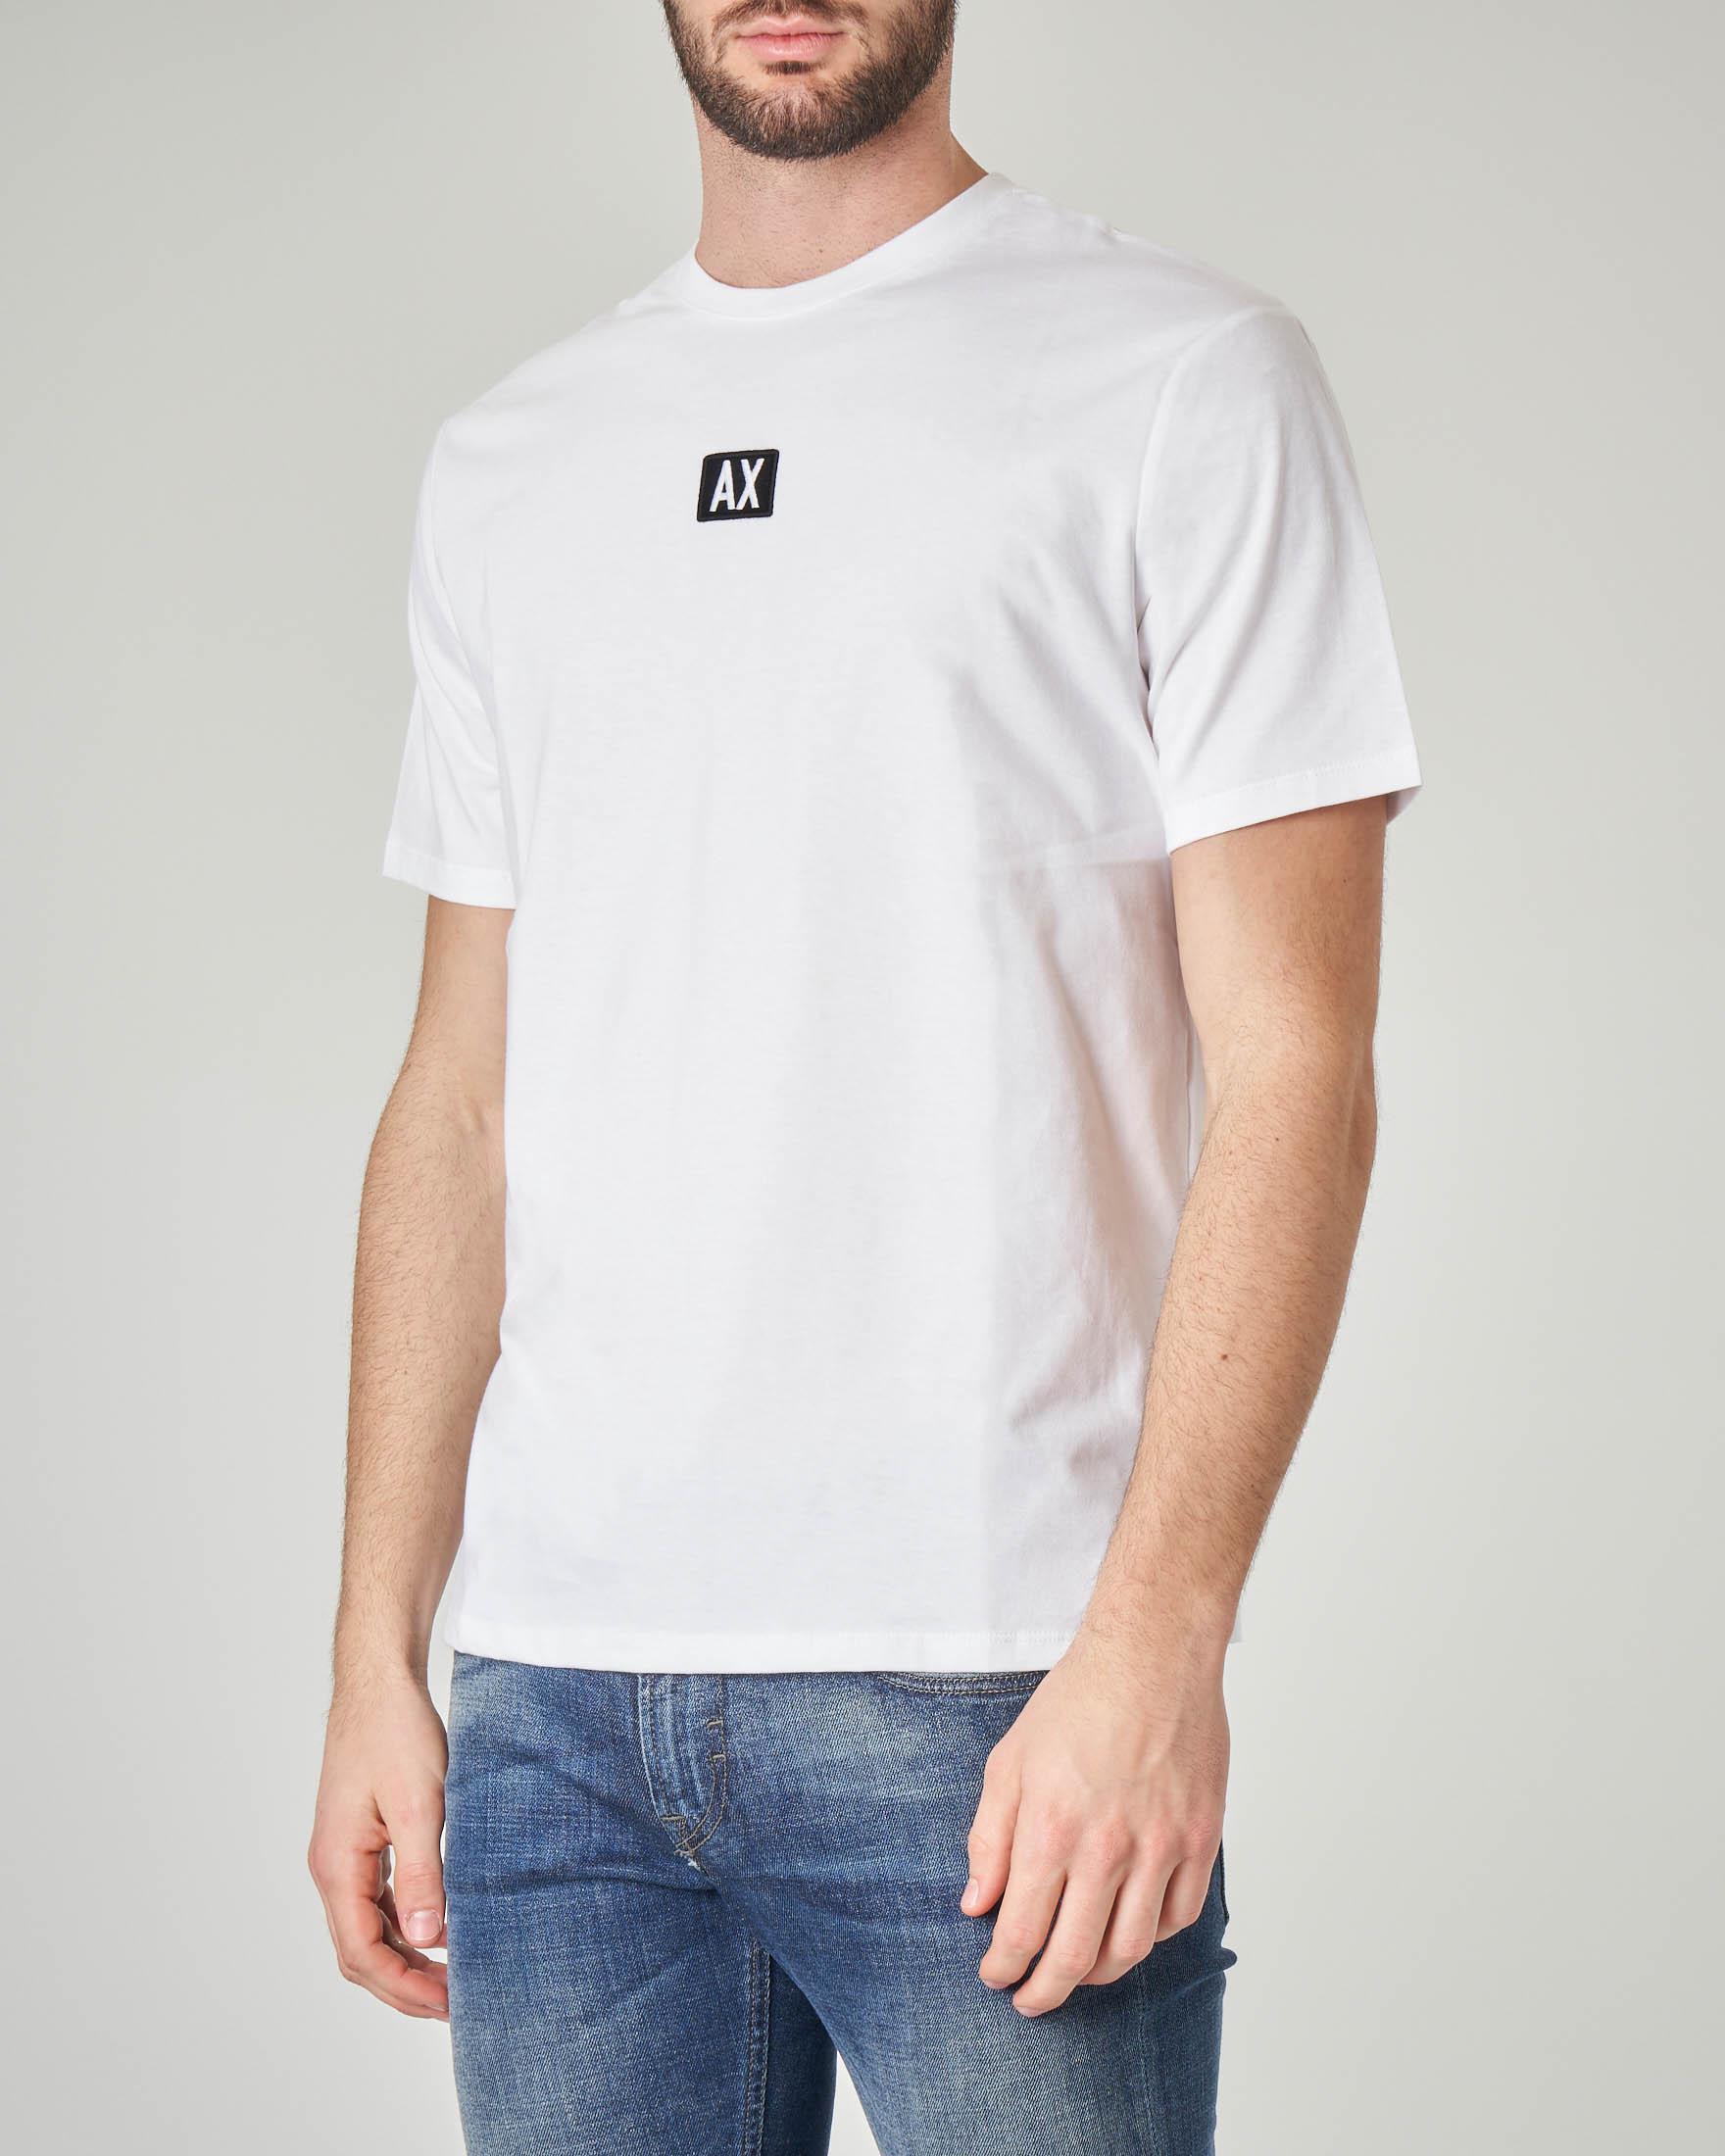 T-shirt bianca con logo piccolo ricamato davanti e scritta sul retro